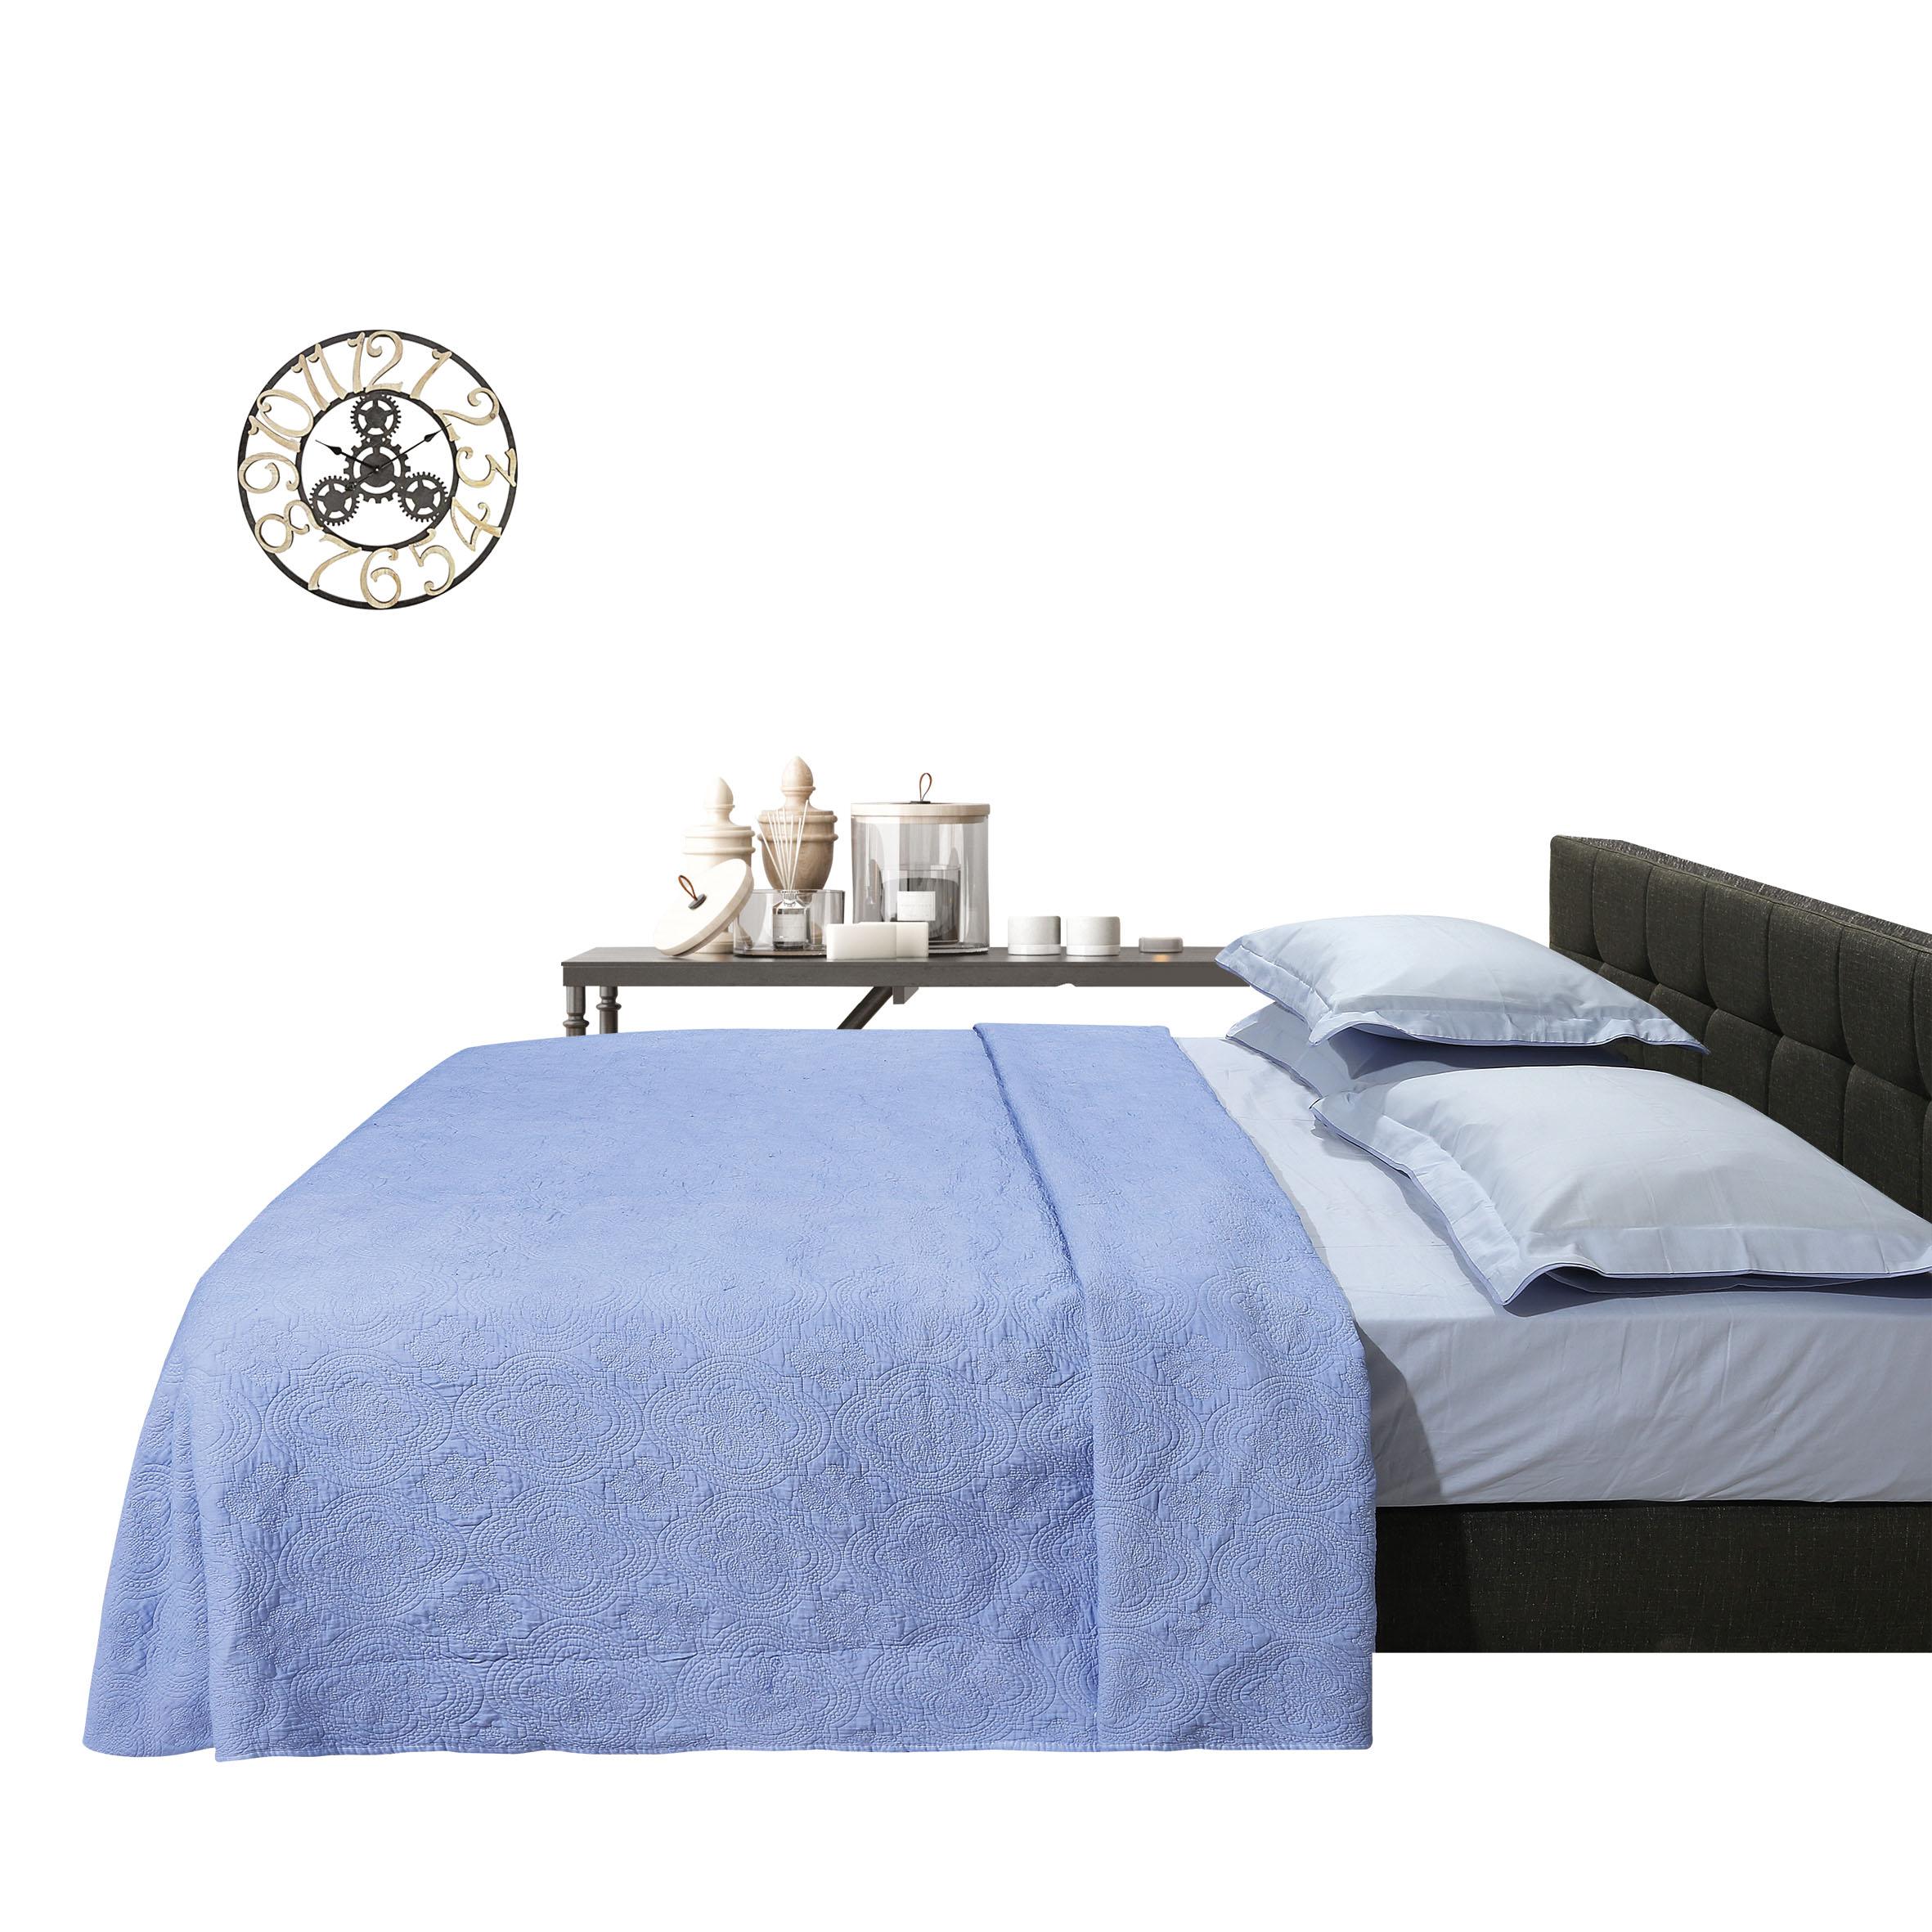 Κουβερλί Υ/Δ HAPPY LINE STONEWASHED 9309, DAS HOME (Σιέλ, 220Χ240) last items   υπνοδωμάτιο